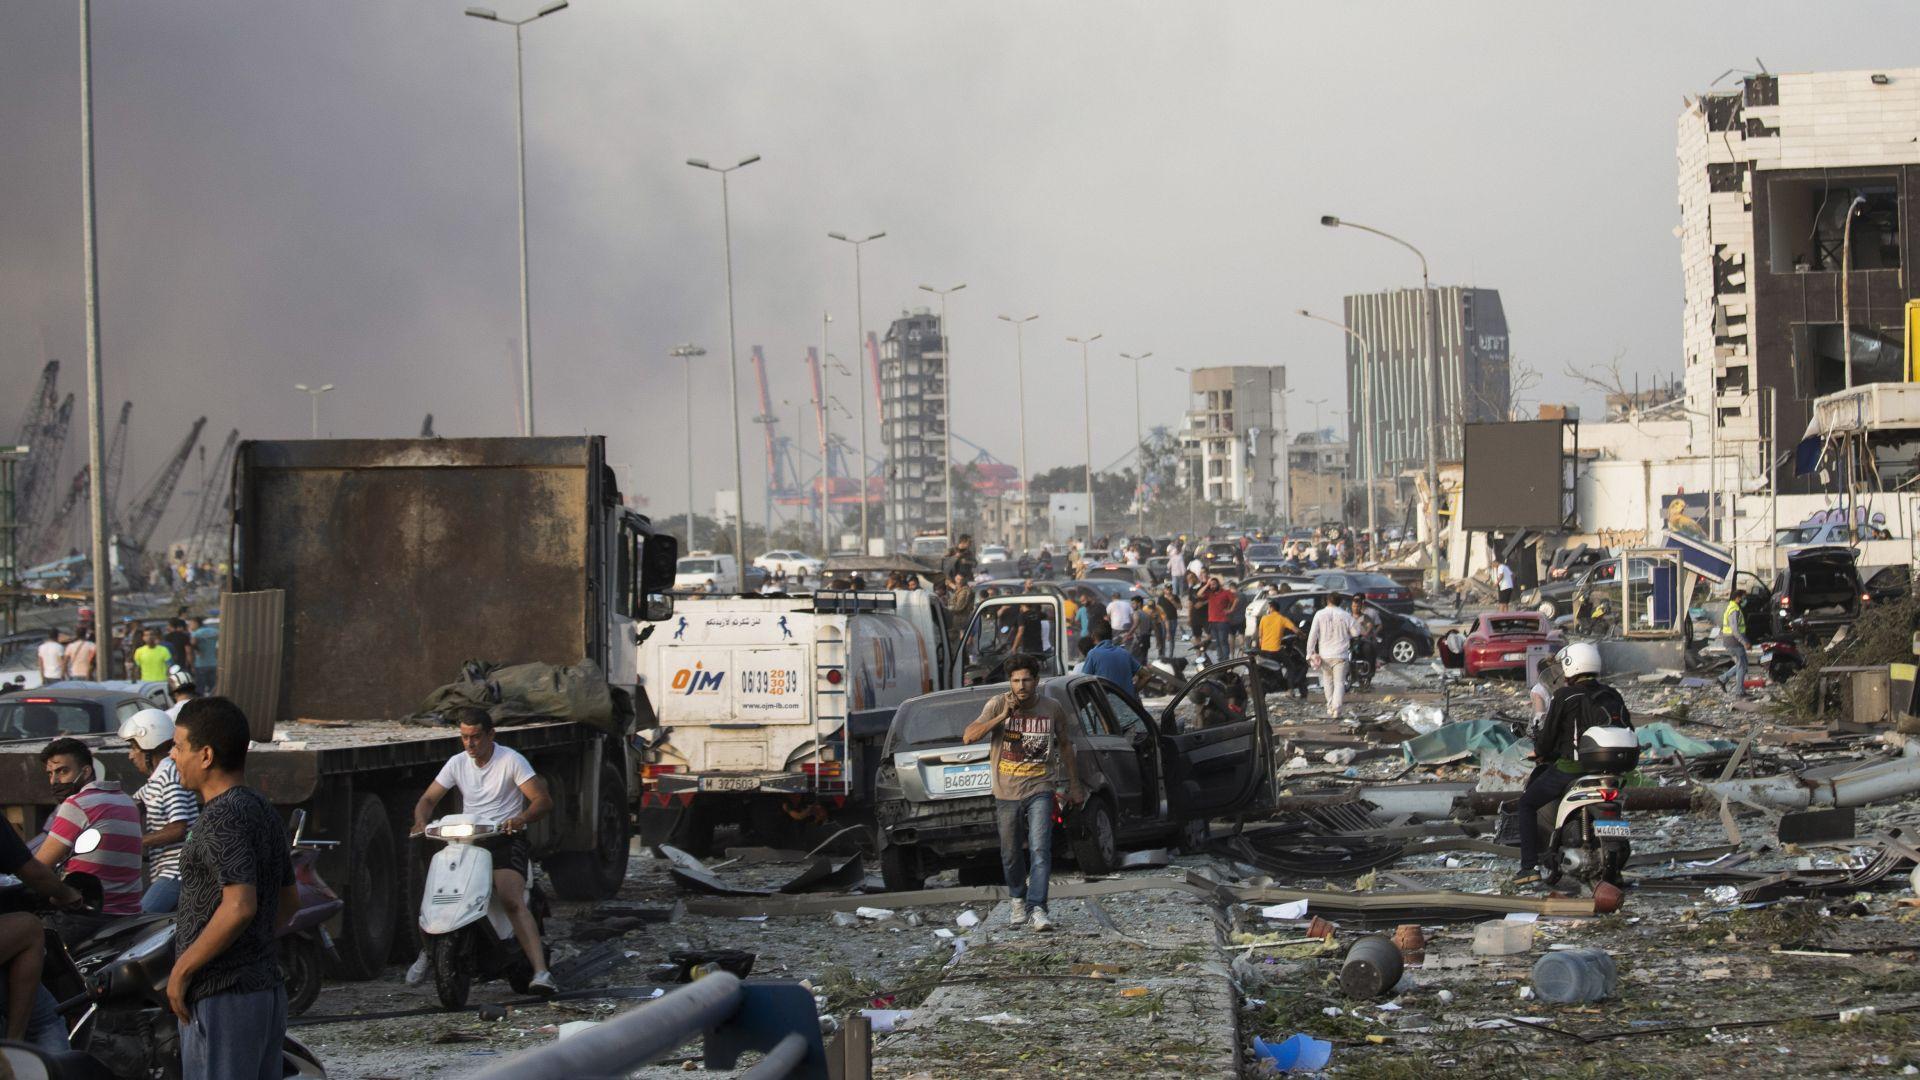 Адът в Бейрут: Било е като при трус от 4.5 по Рихтер, генерали от САЩ подозират военна атака